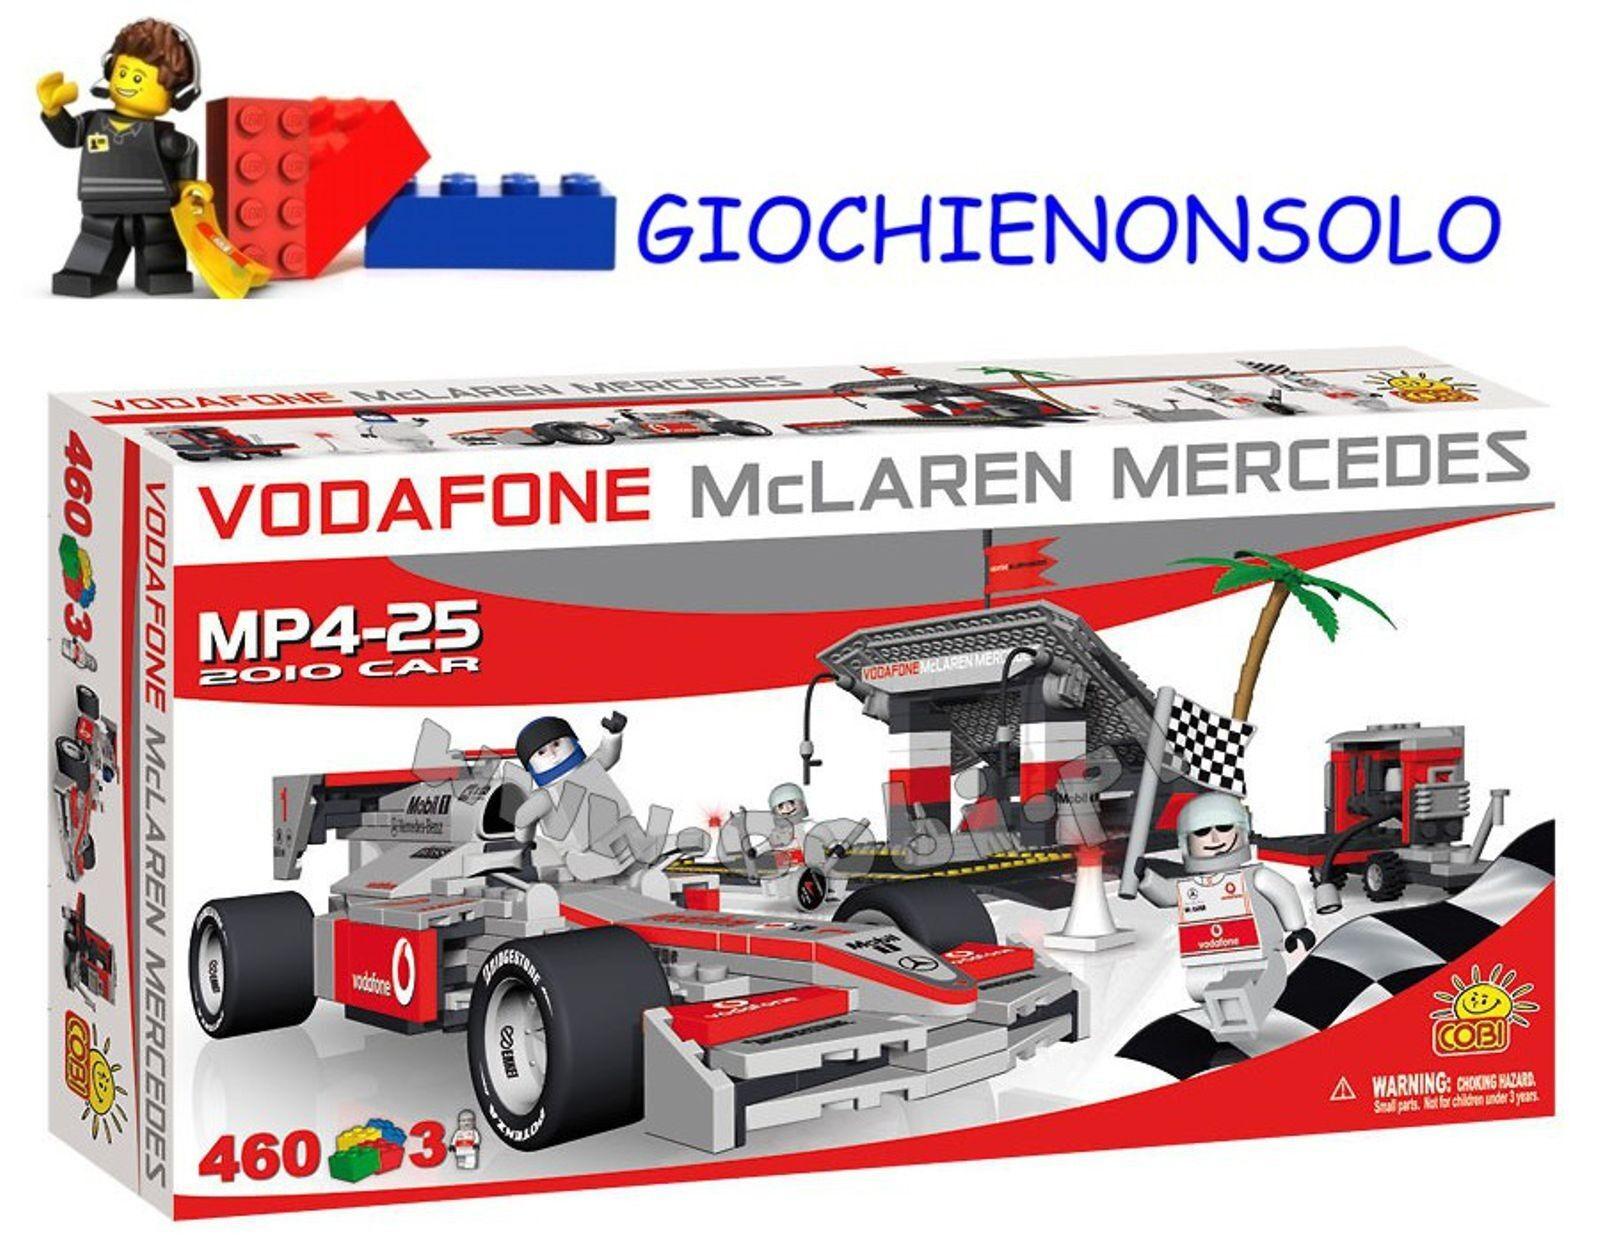 COBI 25460 - MCLAREN PIT STOP 460